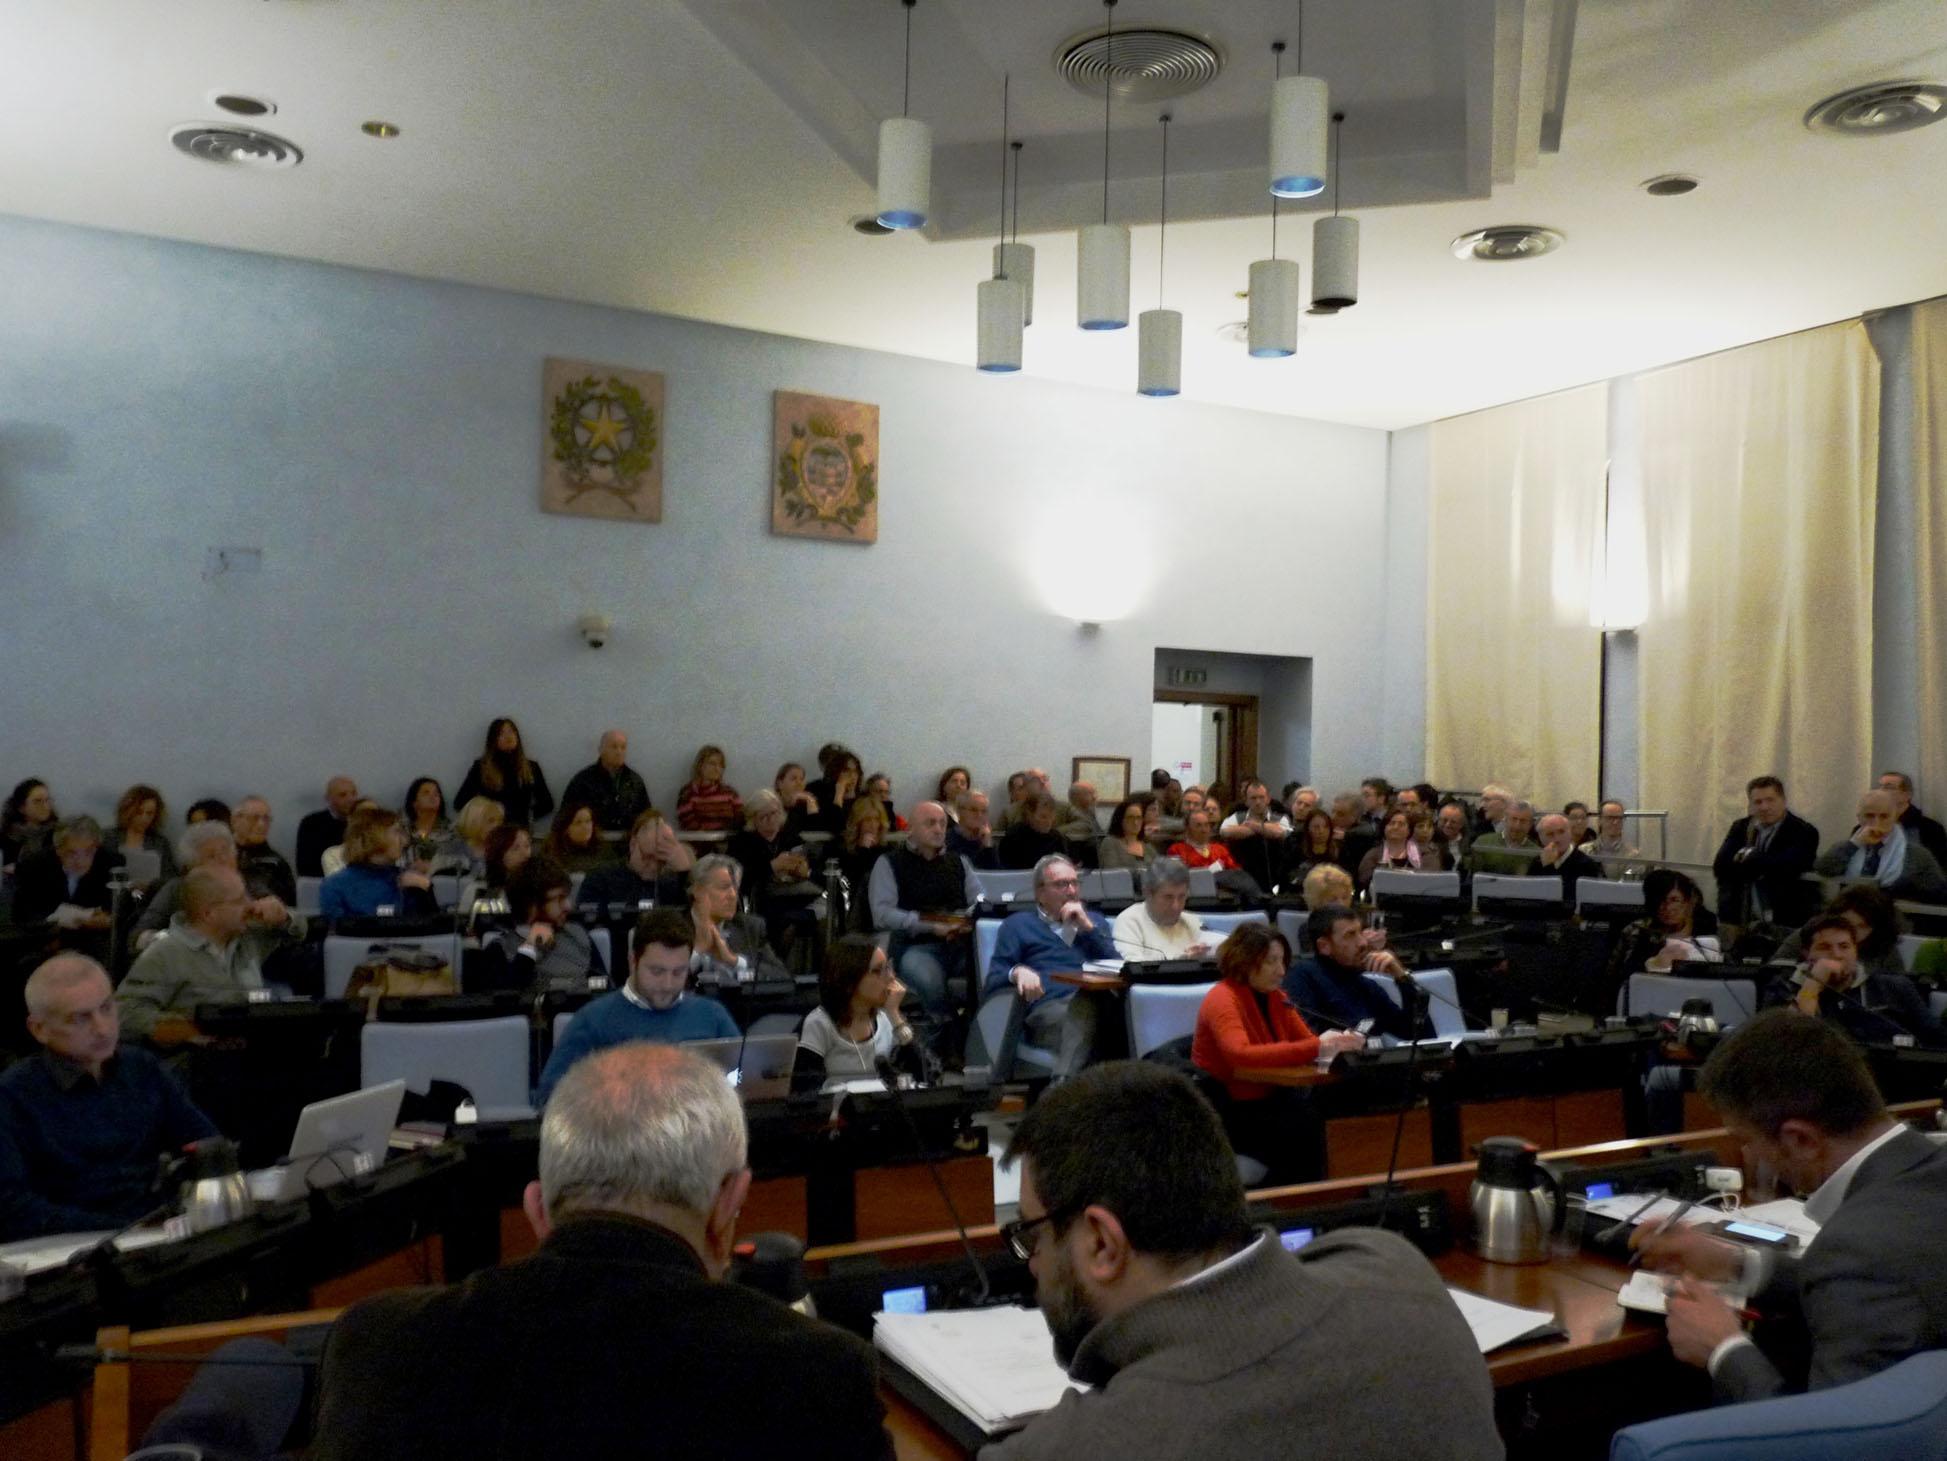 consiglio comunale 21 maggio 2018